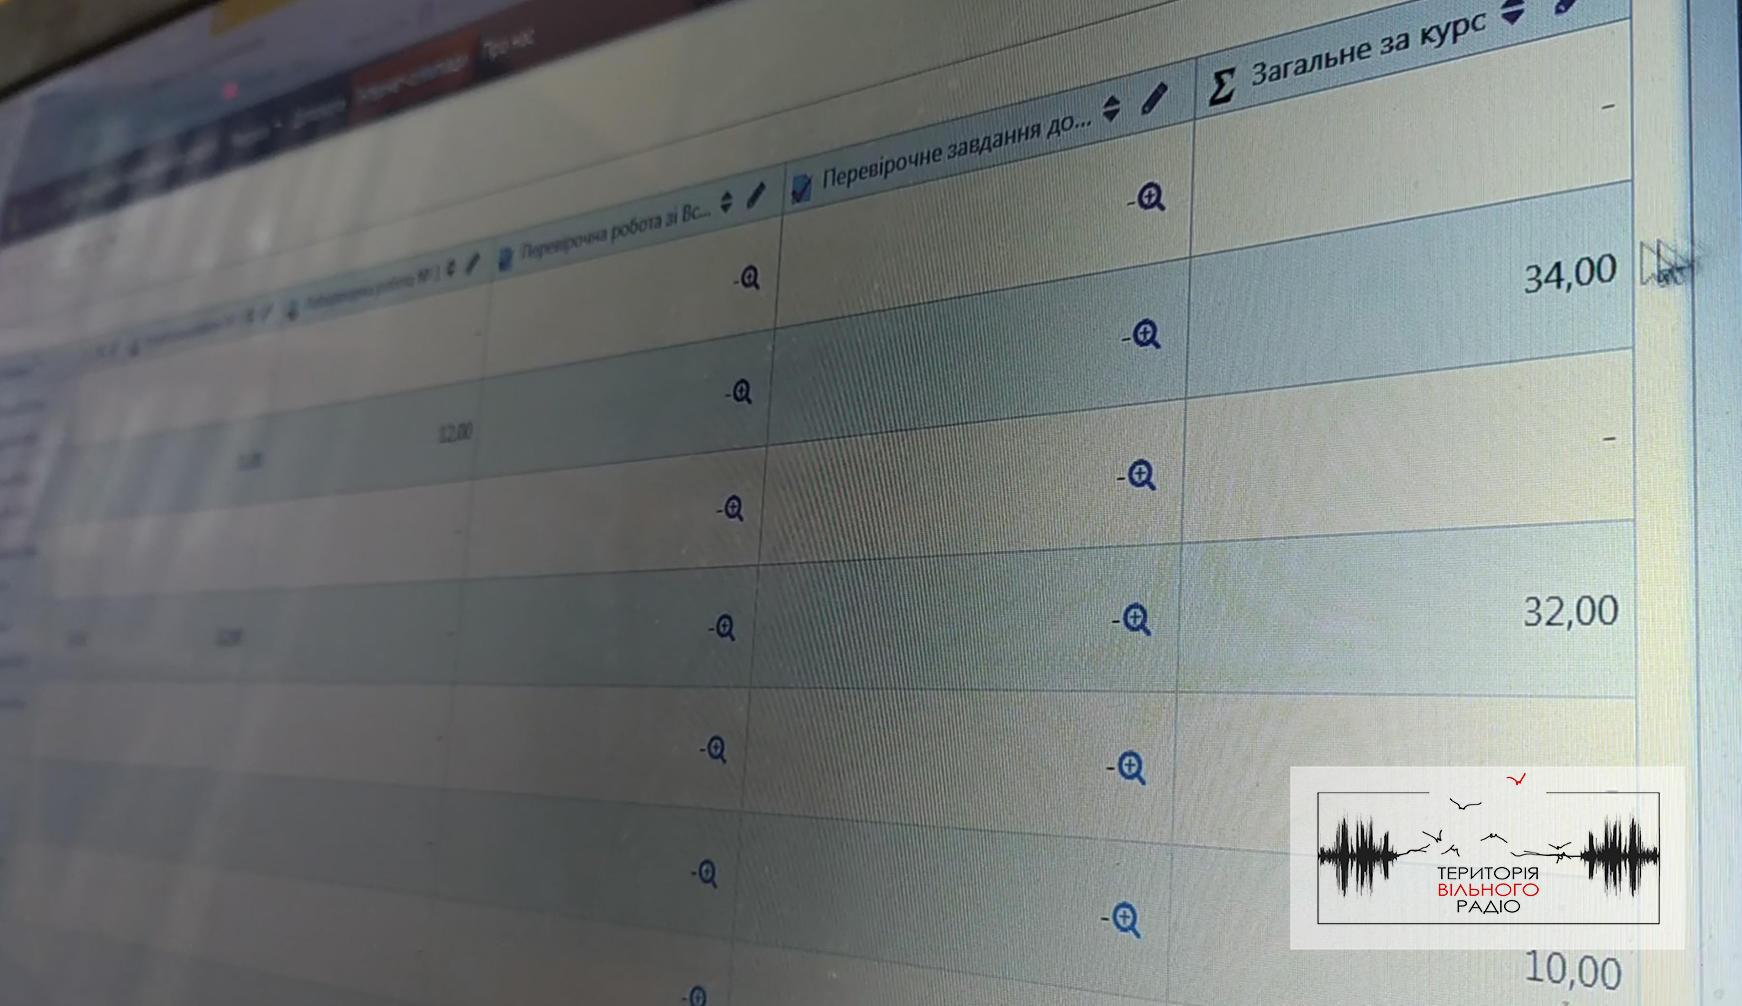 Домашнє завдання та контрольні роботи онлайн: як на Донеччині навчаються діти з ОРДЛО (Відео)